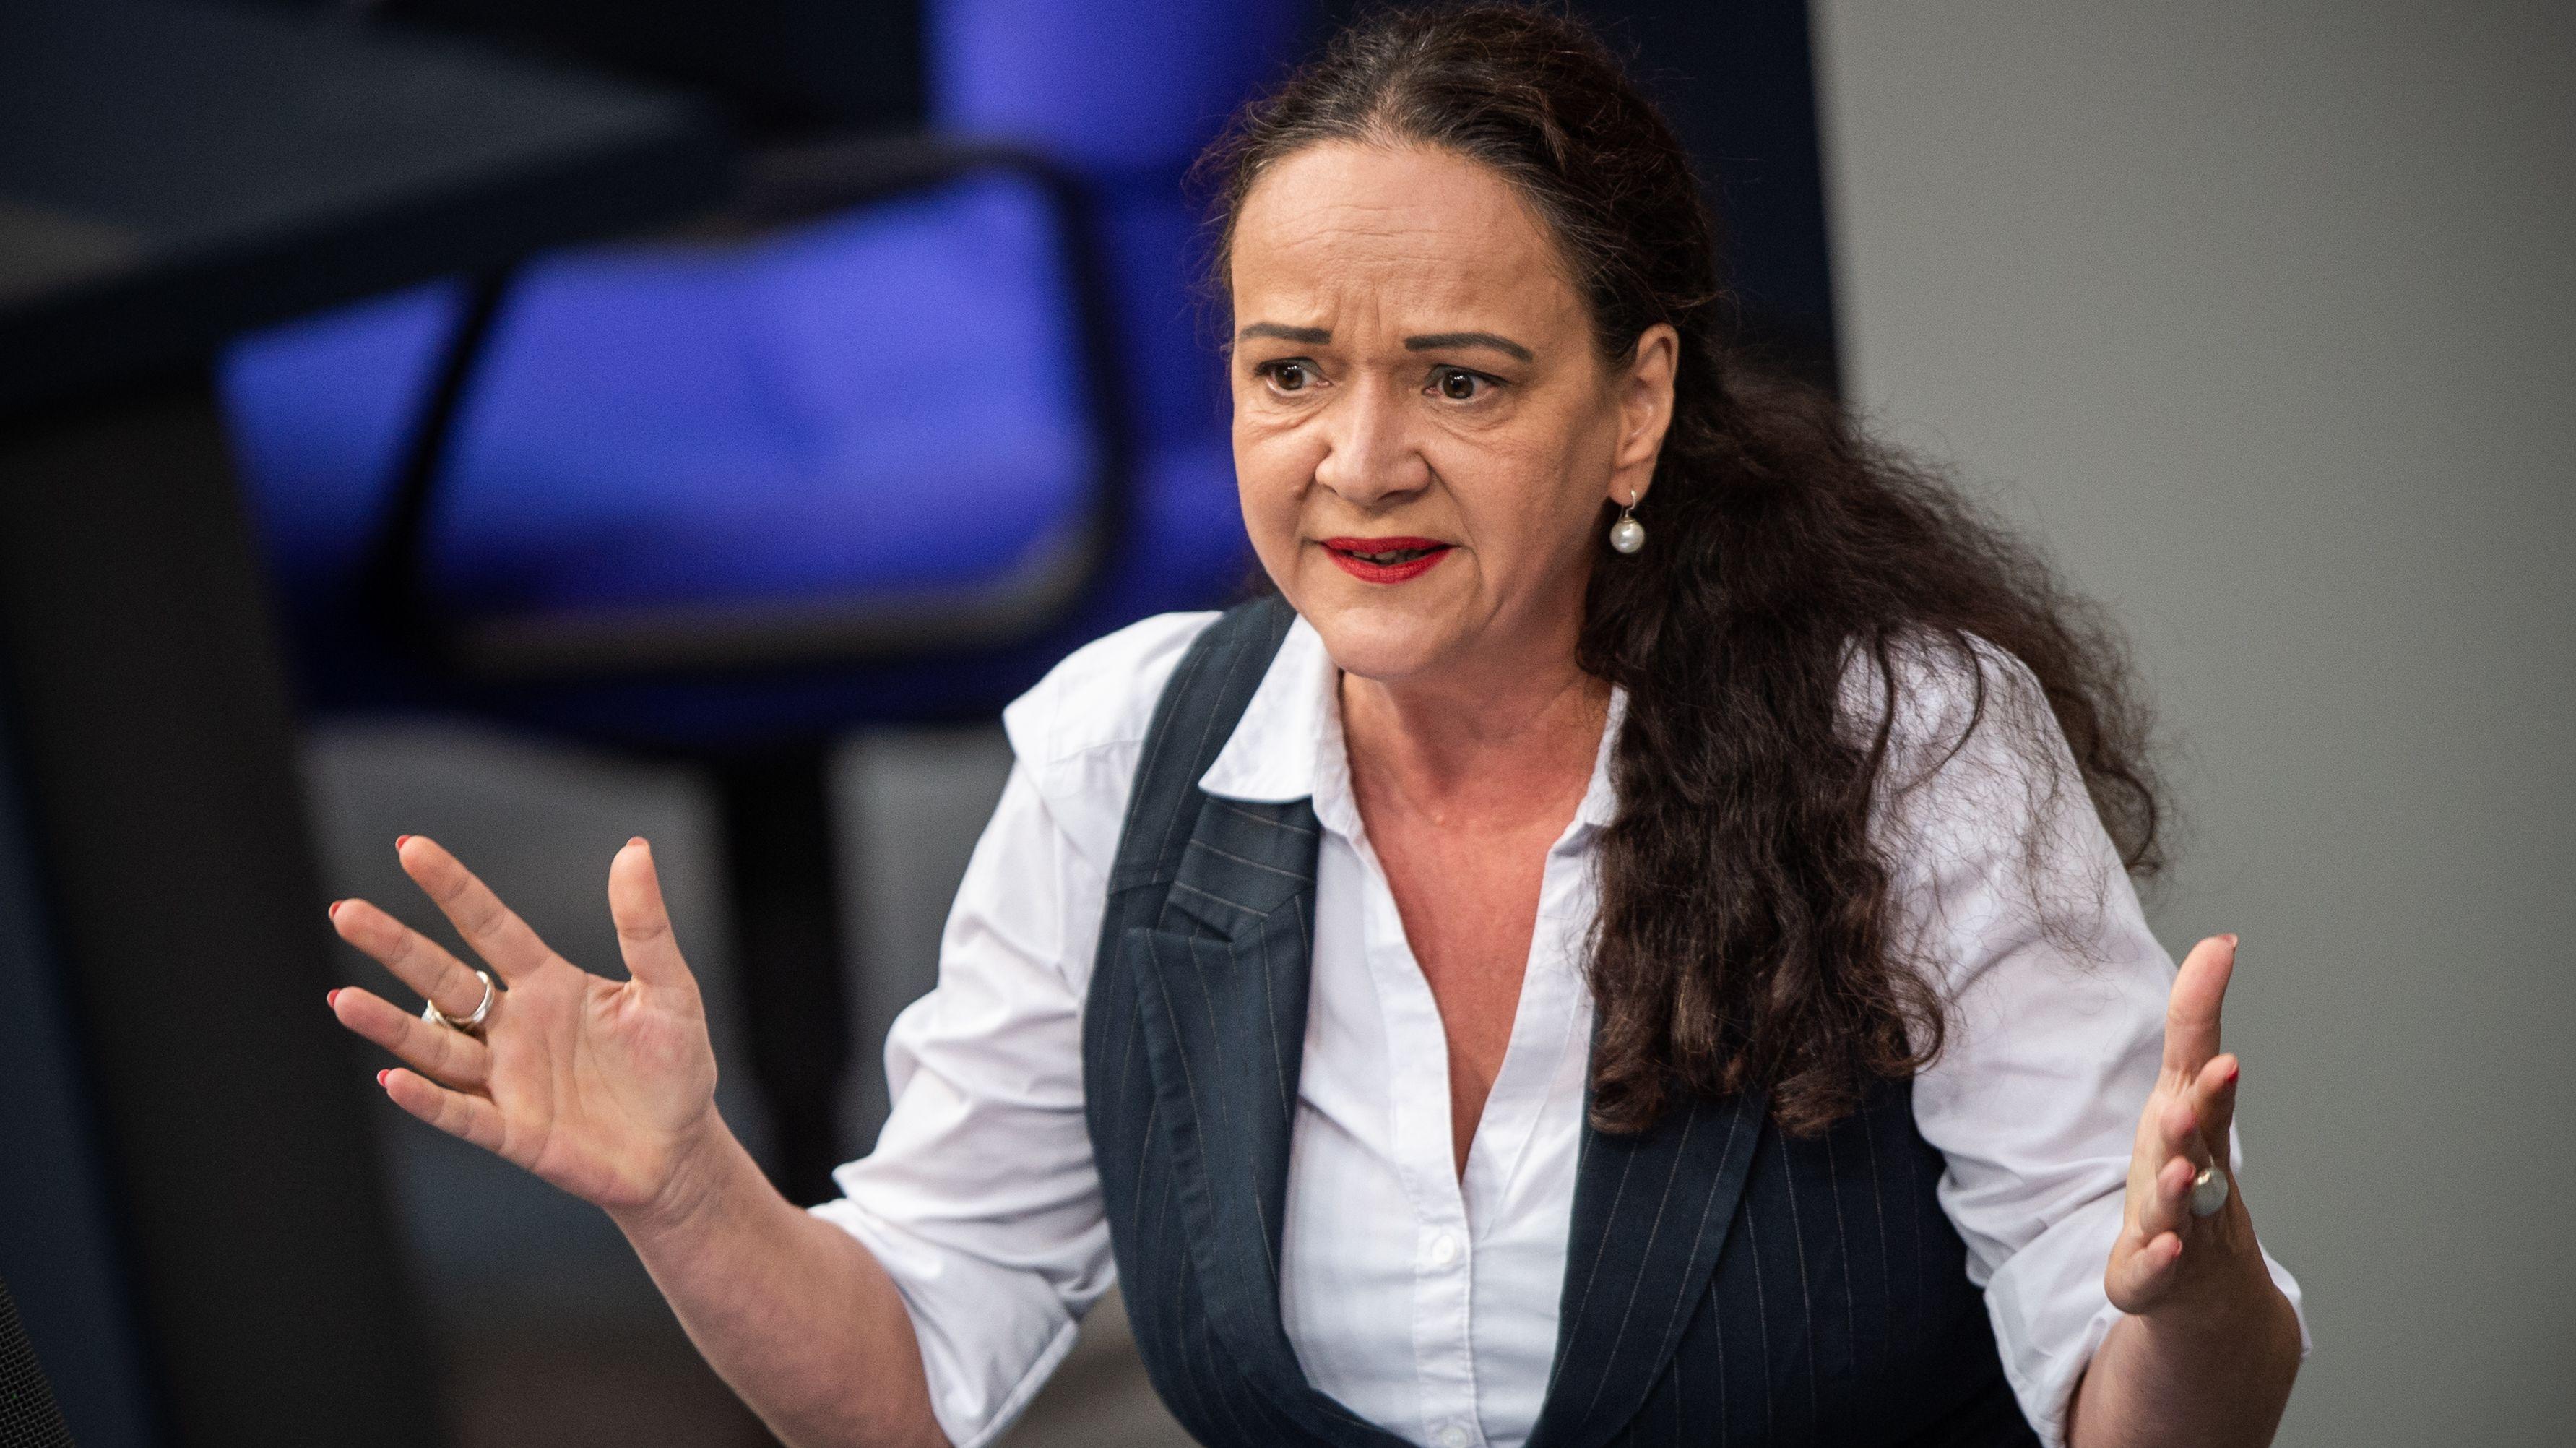 Linken-Abgeordnete Simone Barrientos im Bundestag umgekippt